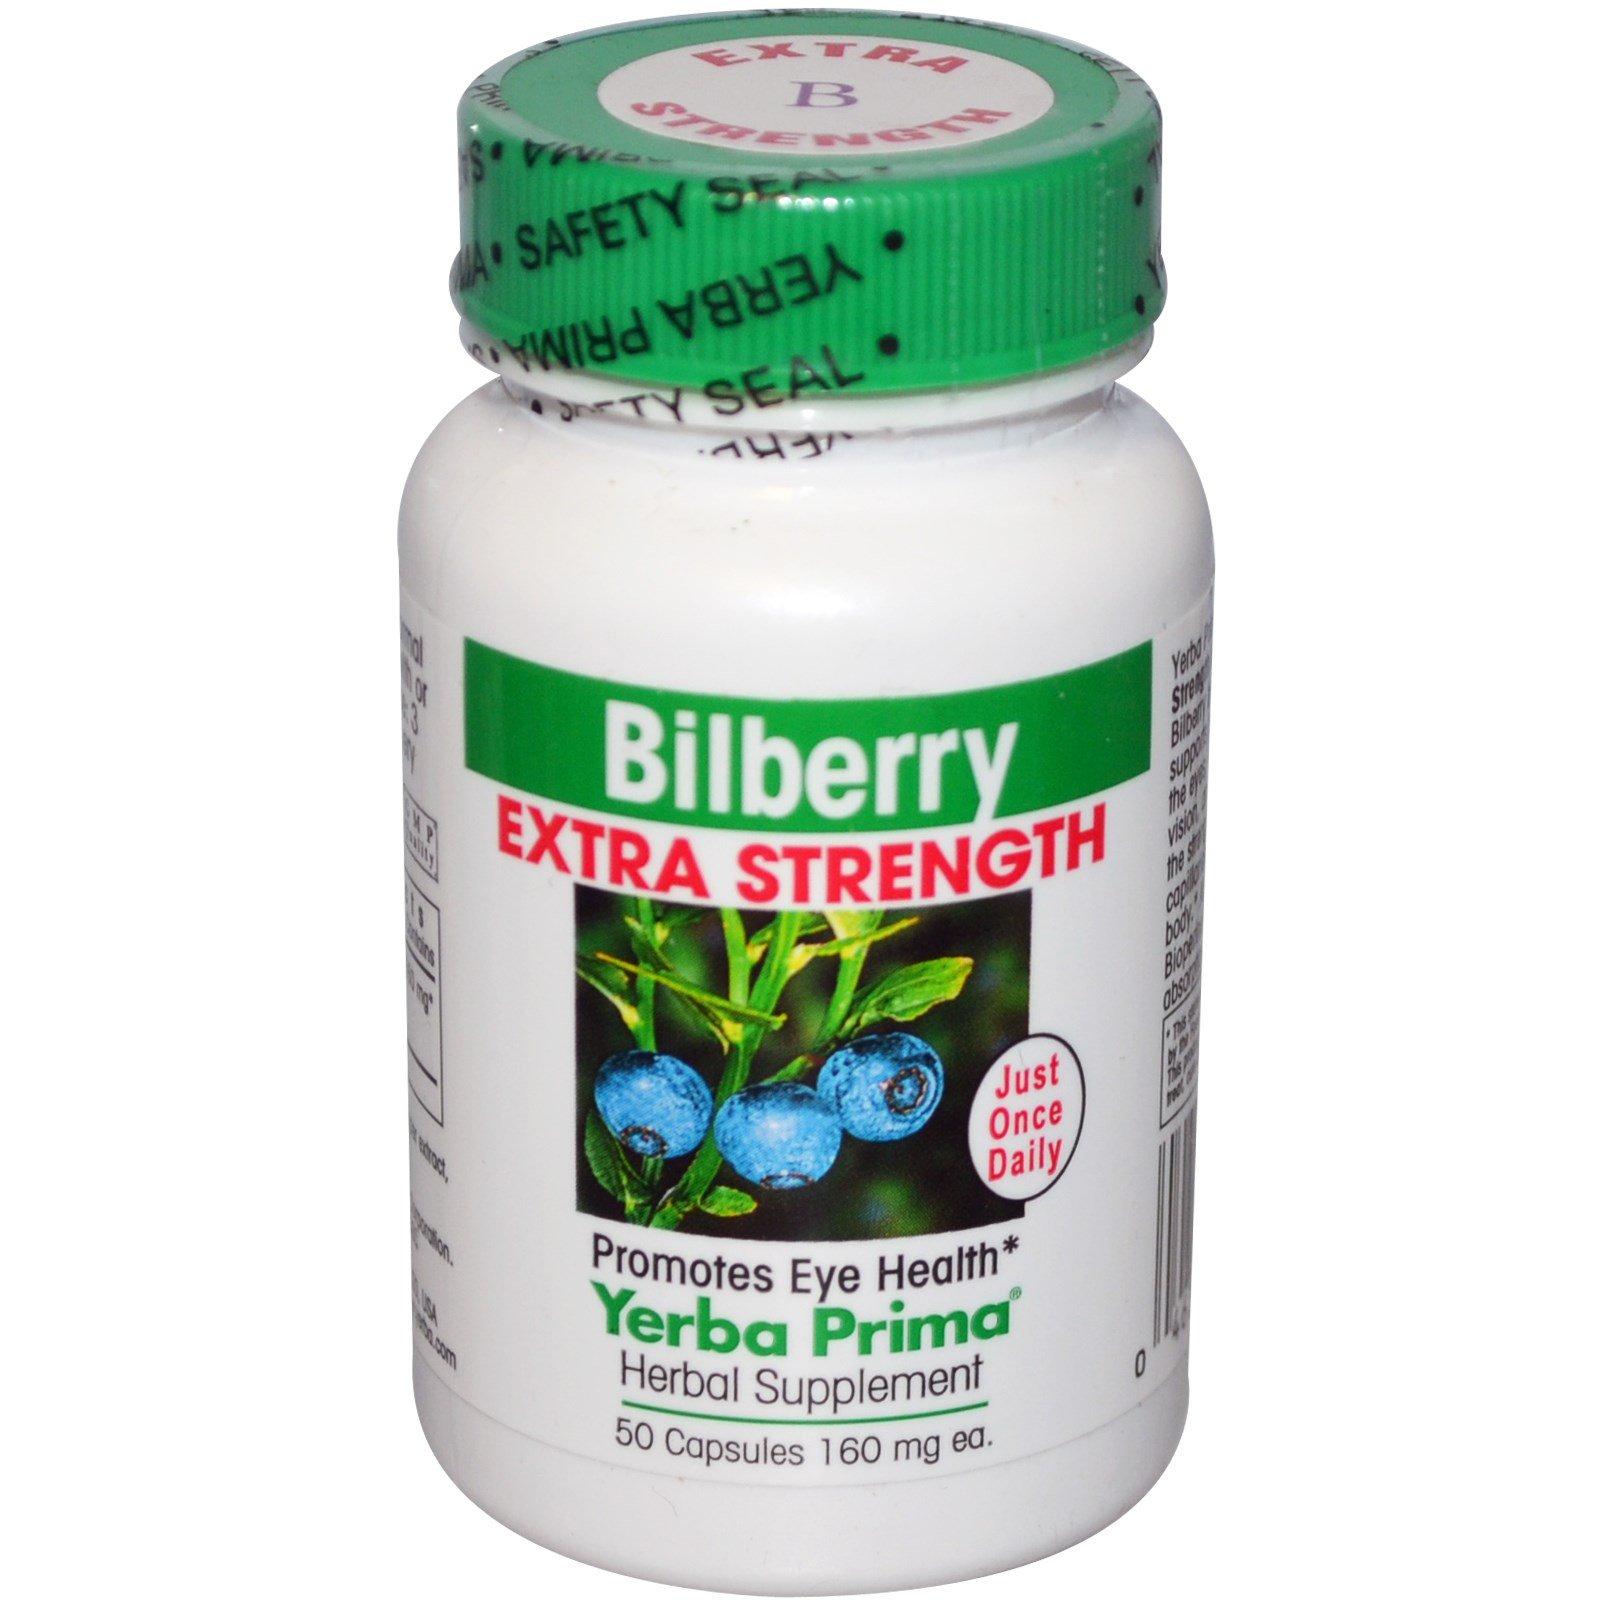 Yerba Prima, Bilberry Extra Strength, 160 mg, 50 Capsules - 3PC